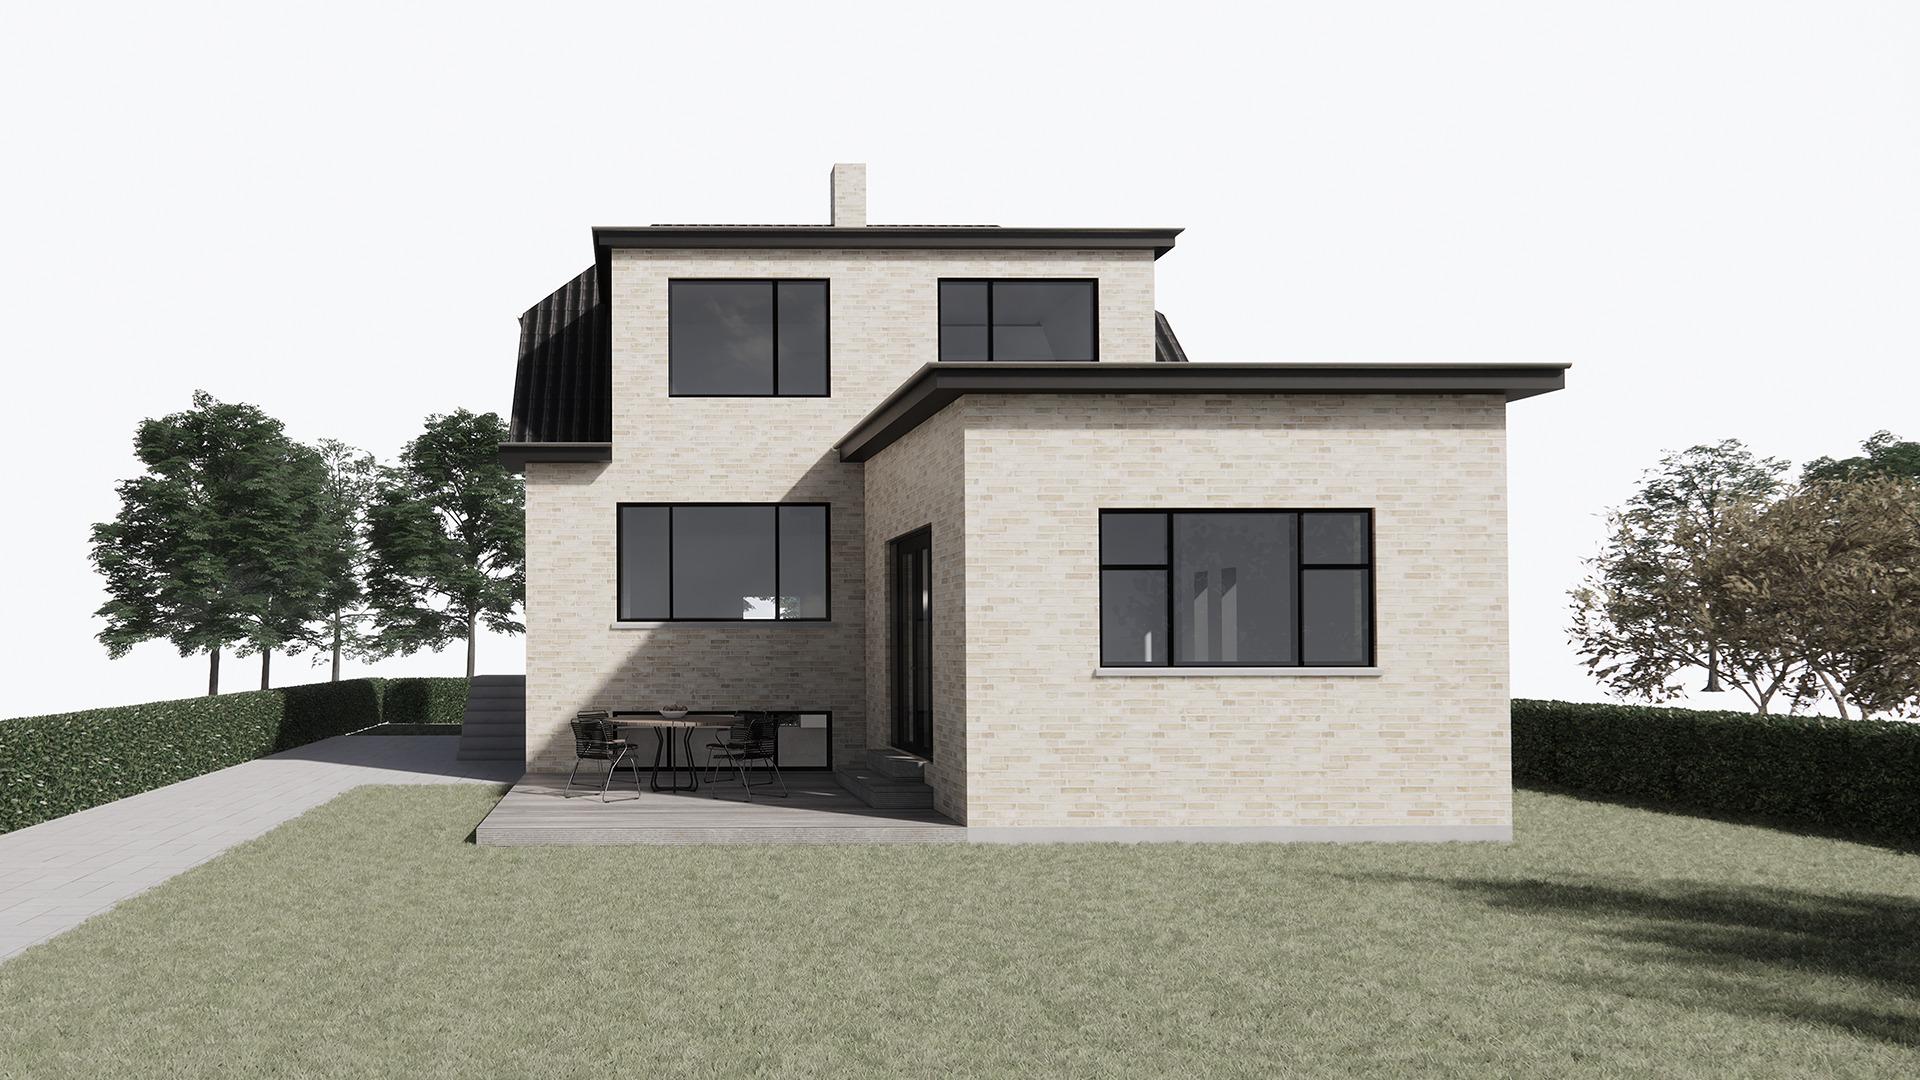 Ombygning af bungalow